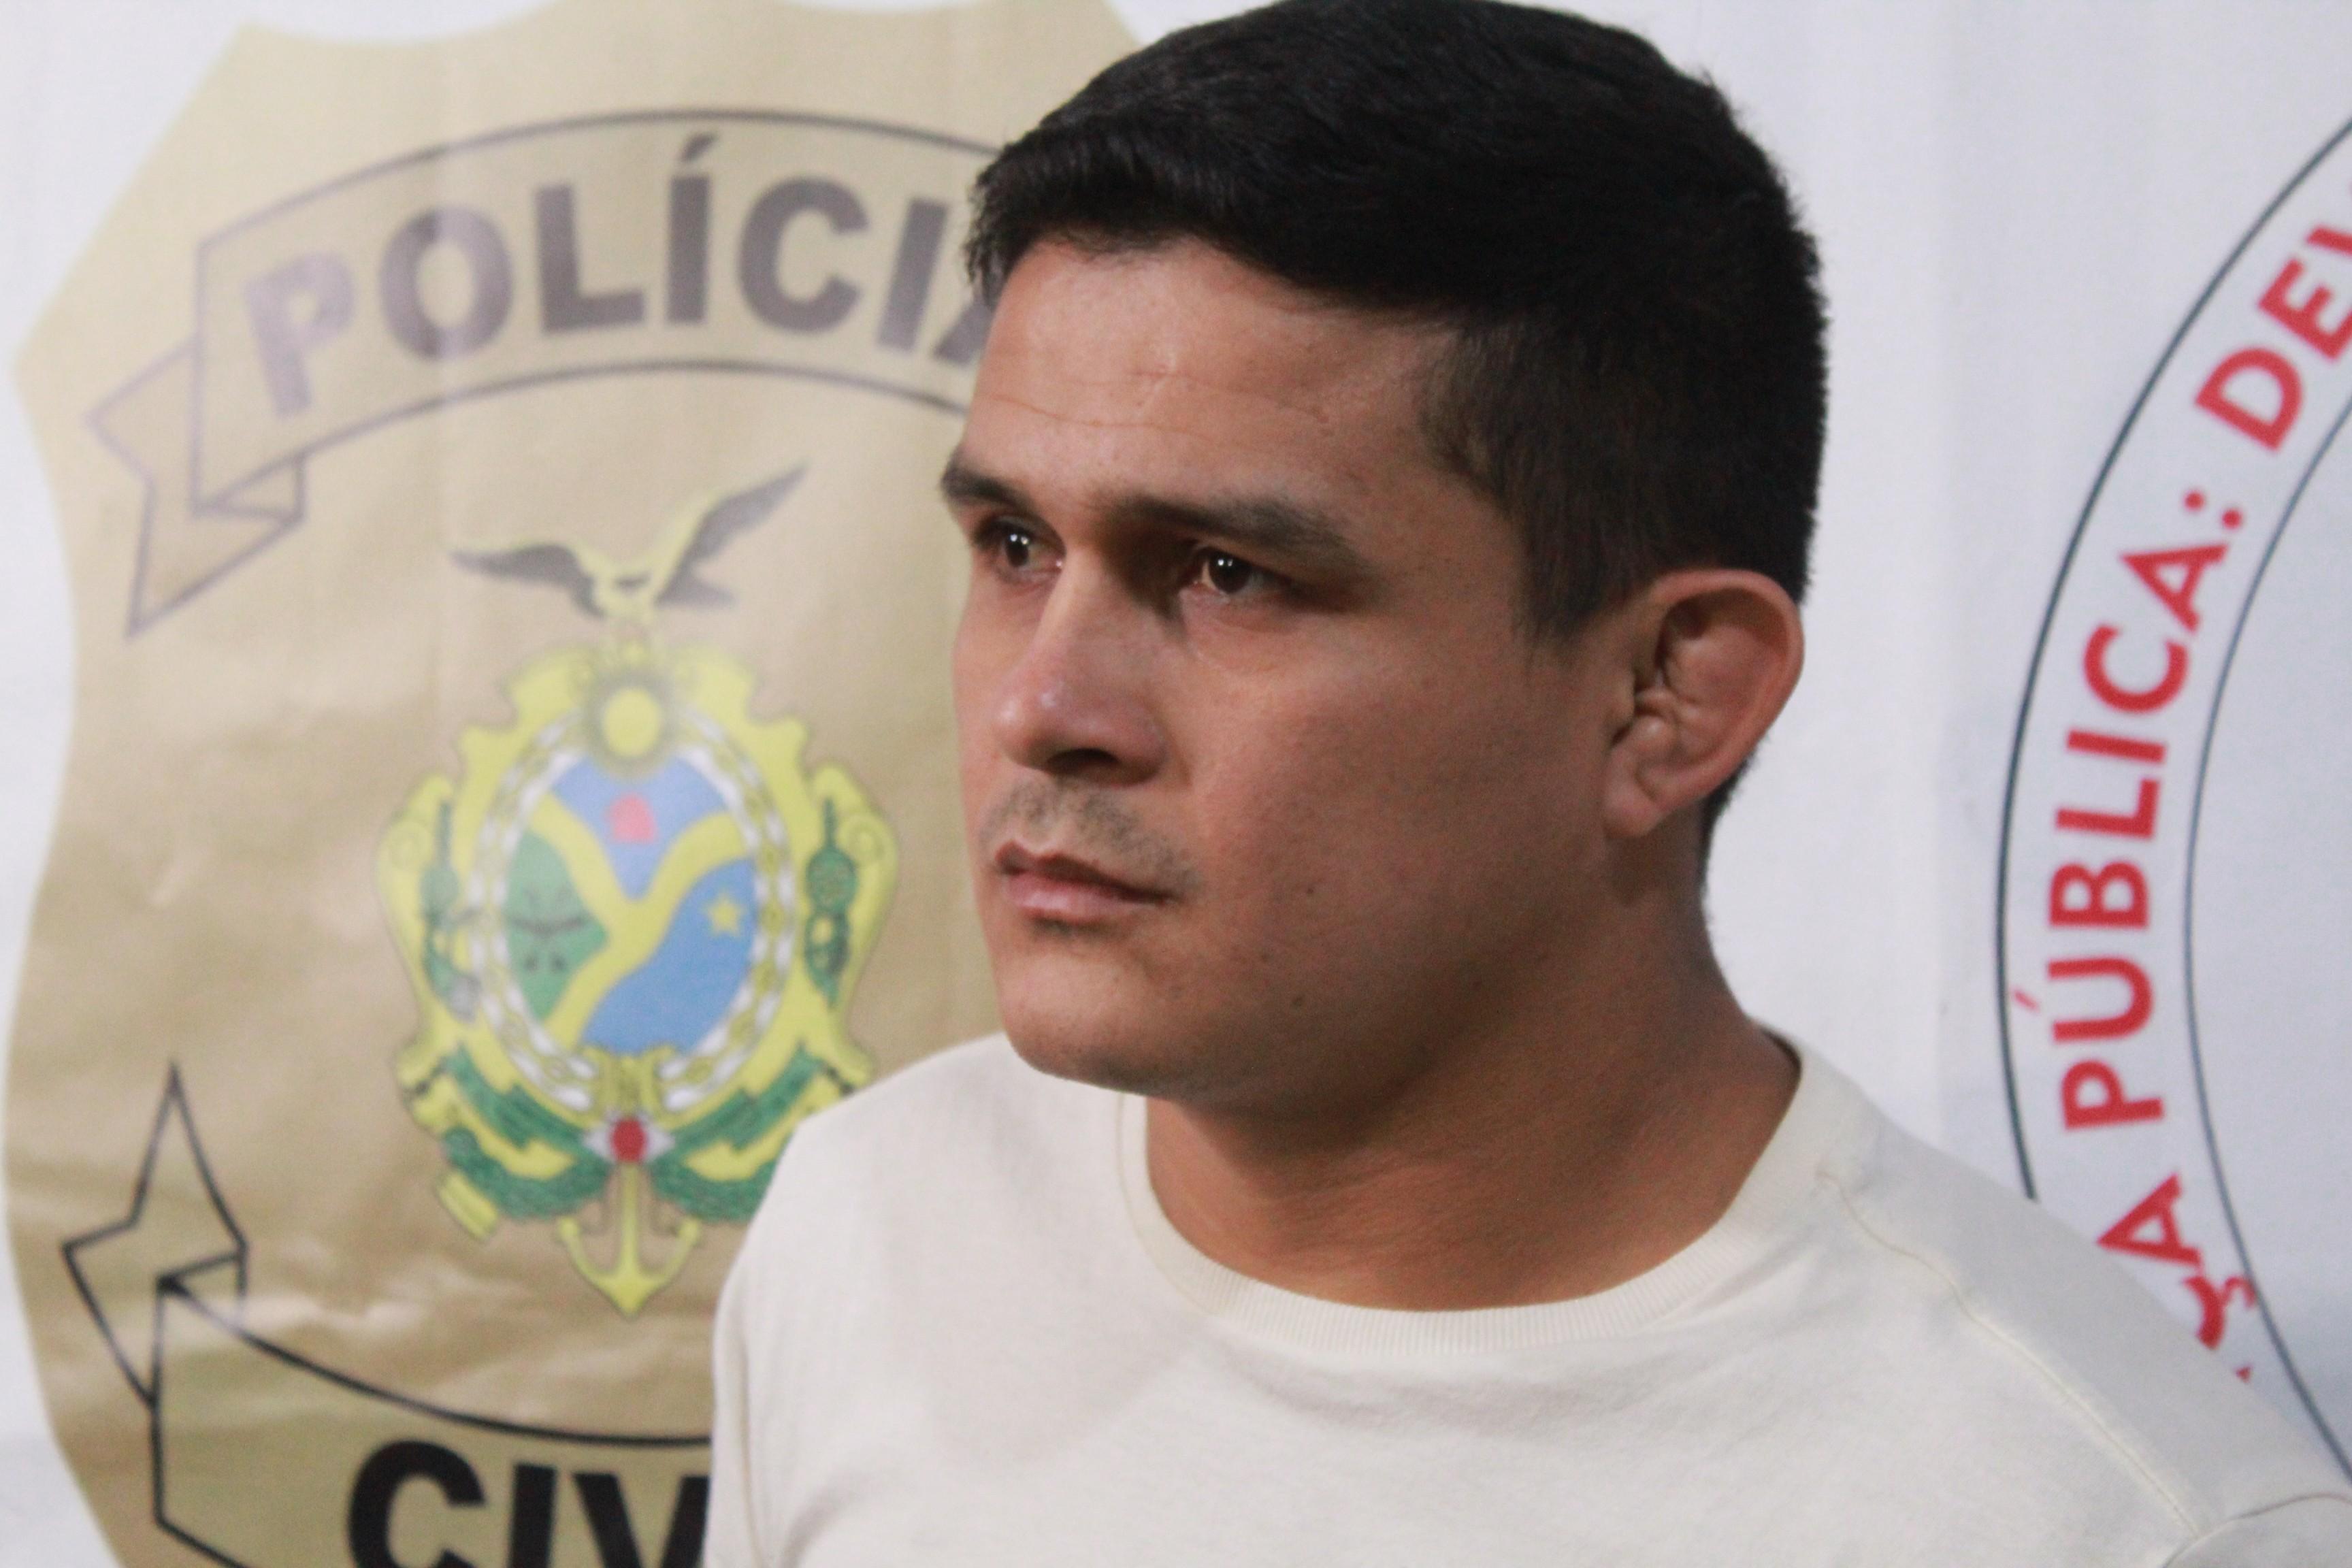 Militar do Exército é preso suspeito de envolvimento em latrocínio de empresário em Manaus - Notícias - Plantão Diário